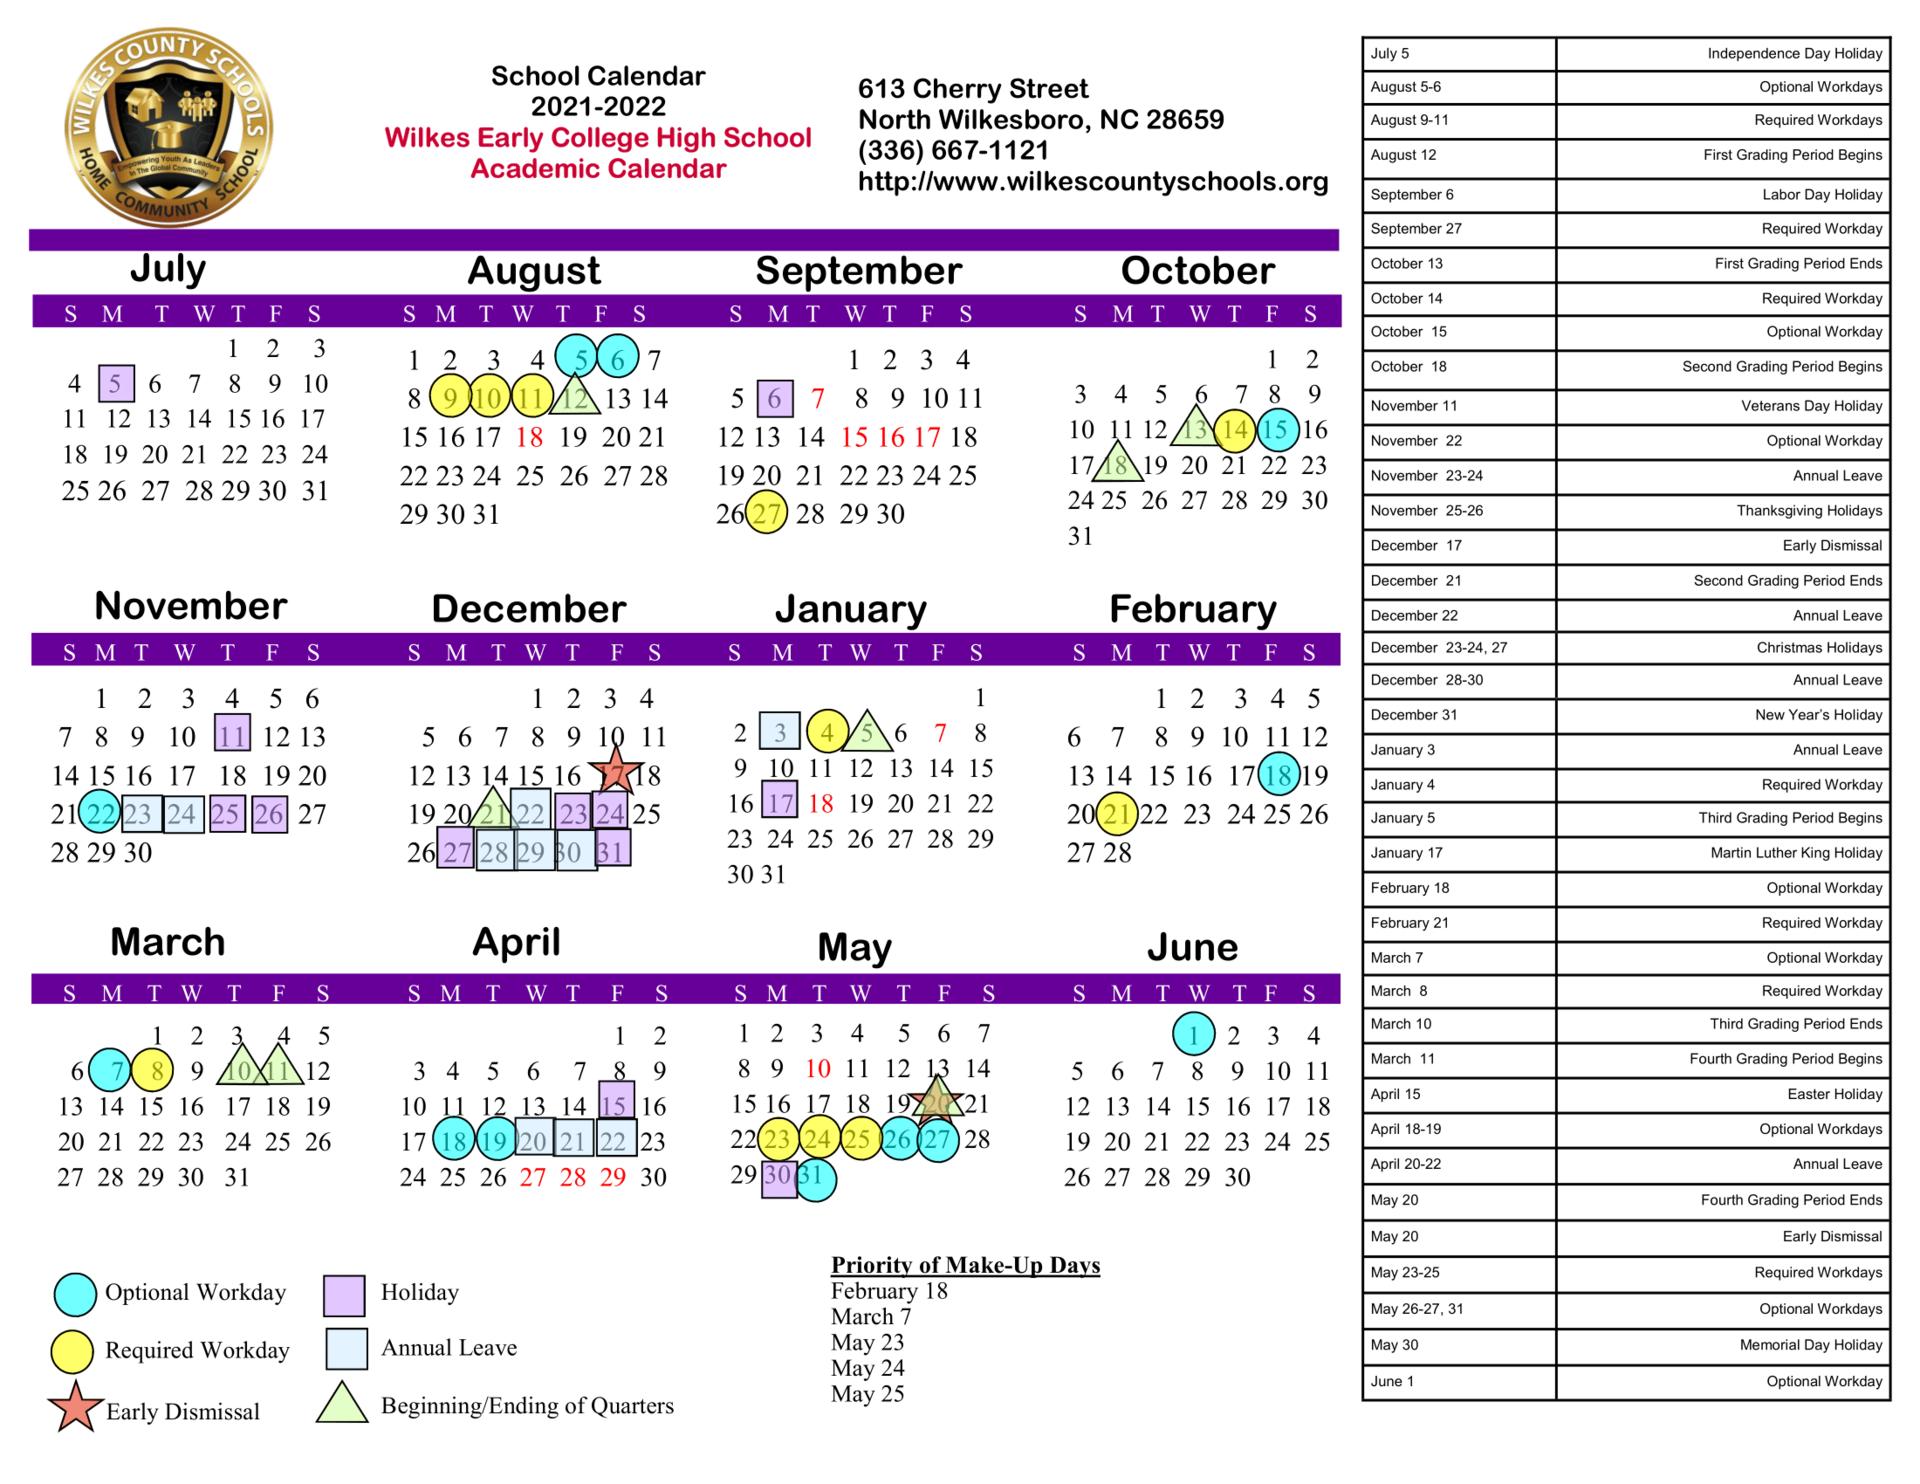 2021-2022 WECHS Academic Calendar